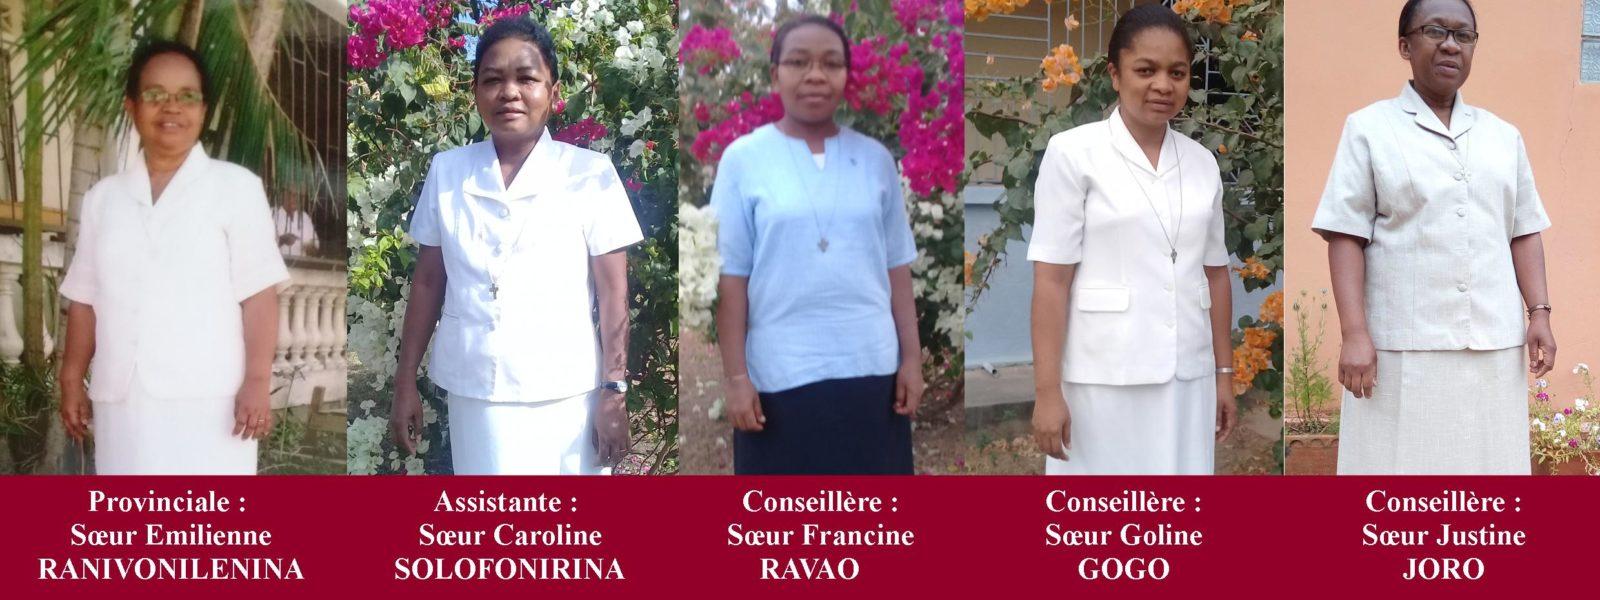 Conseil provincial de Madagascar